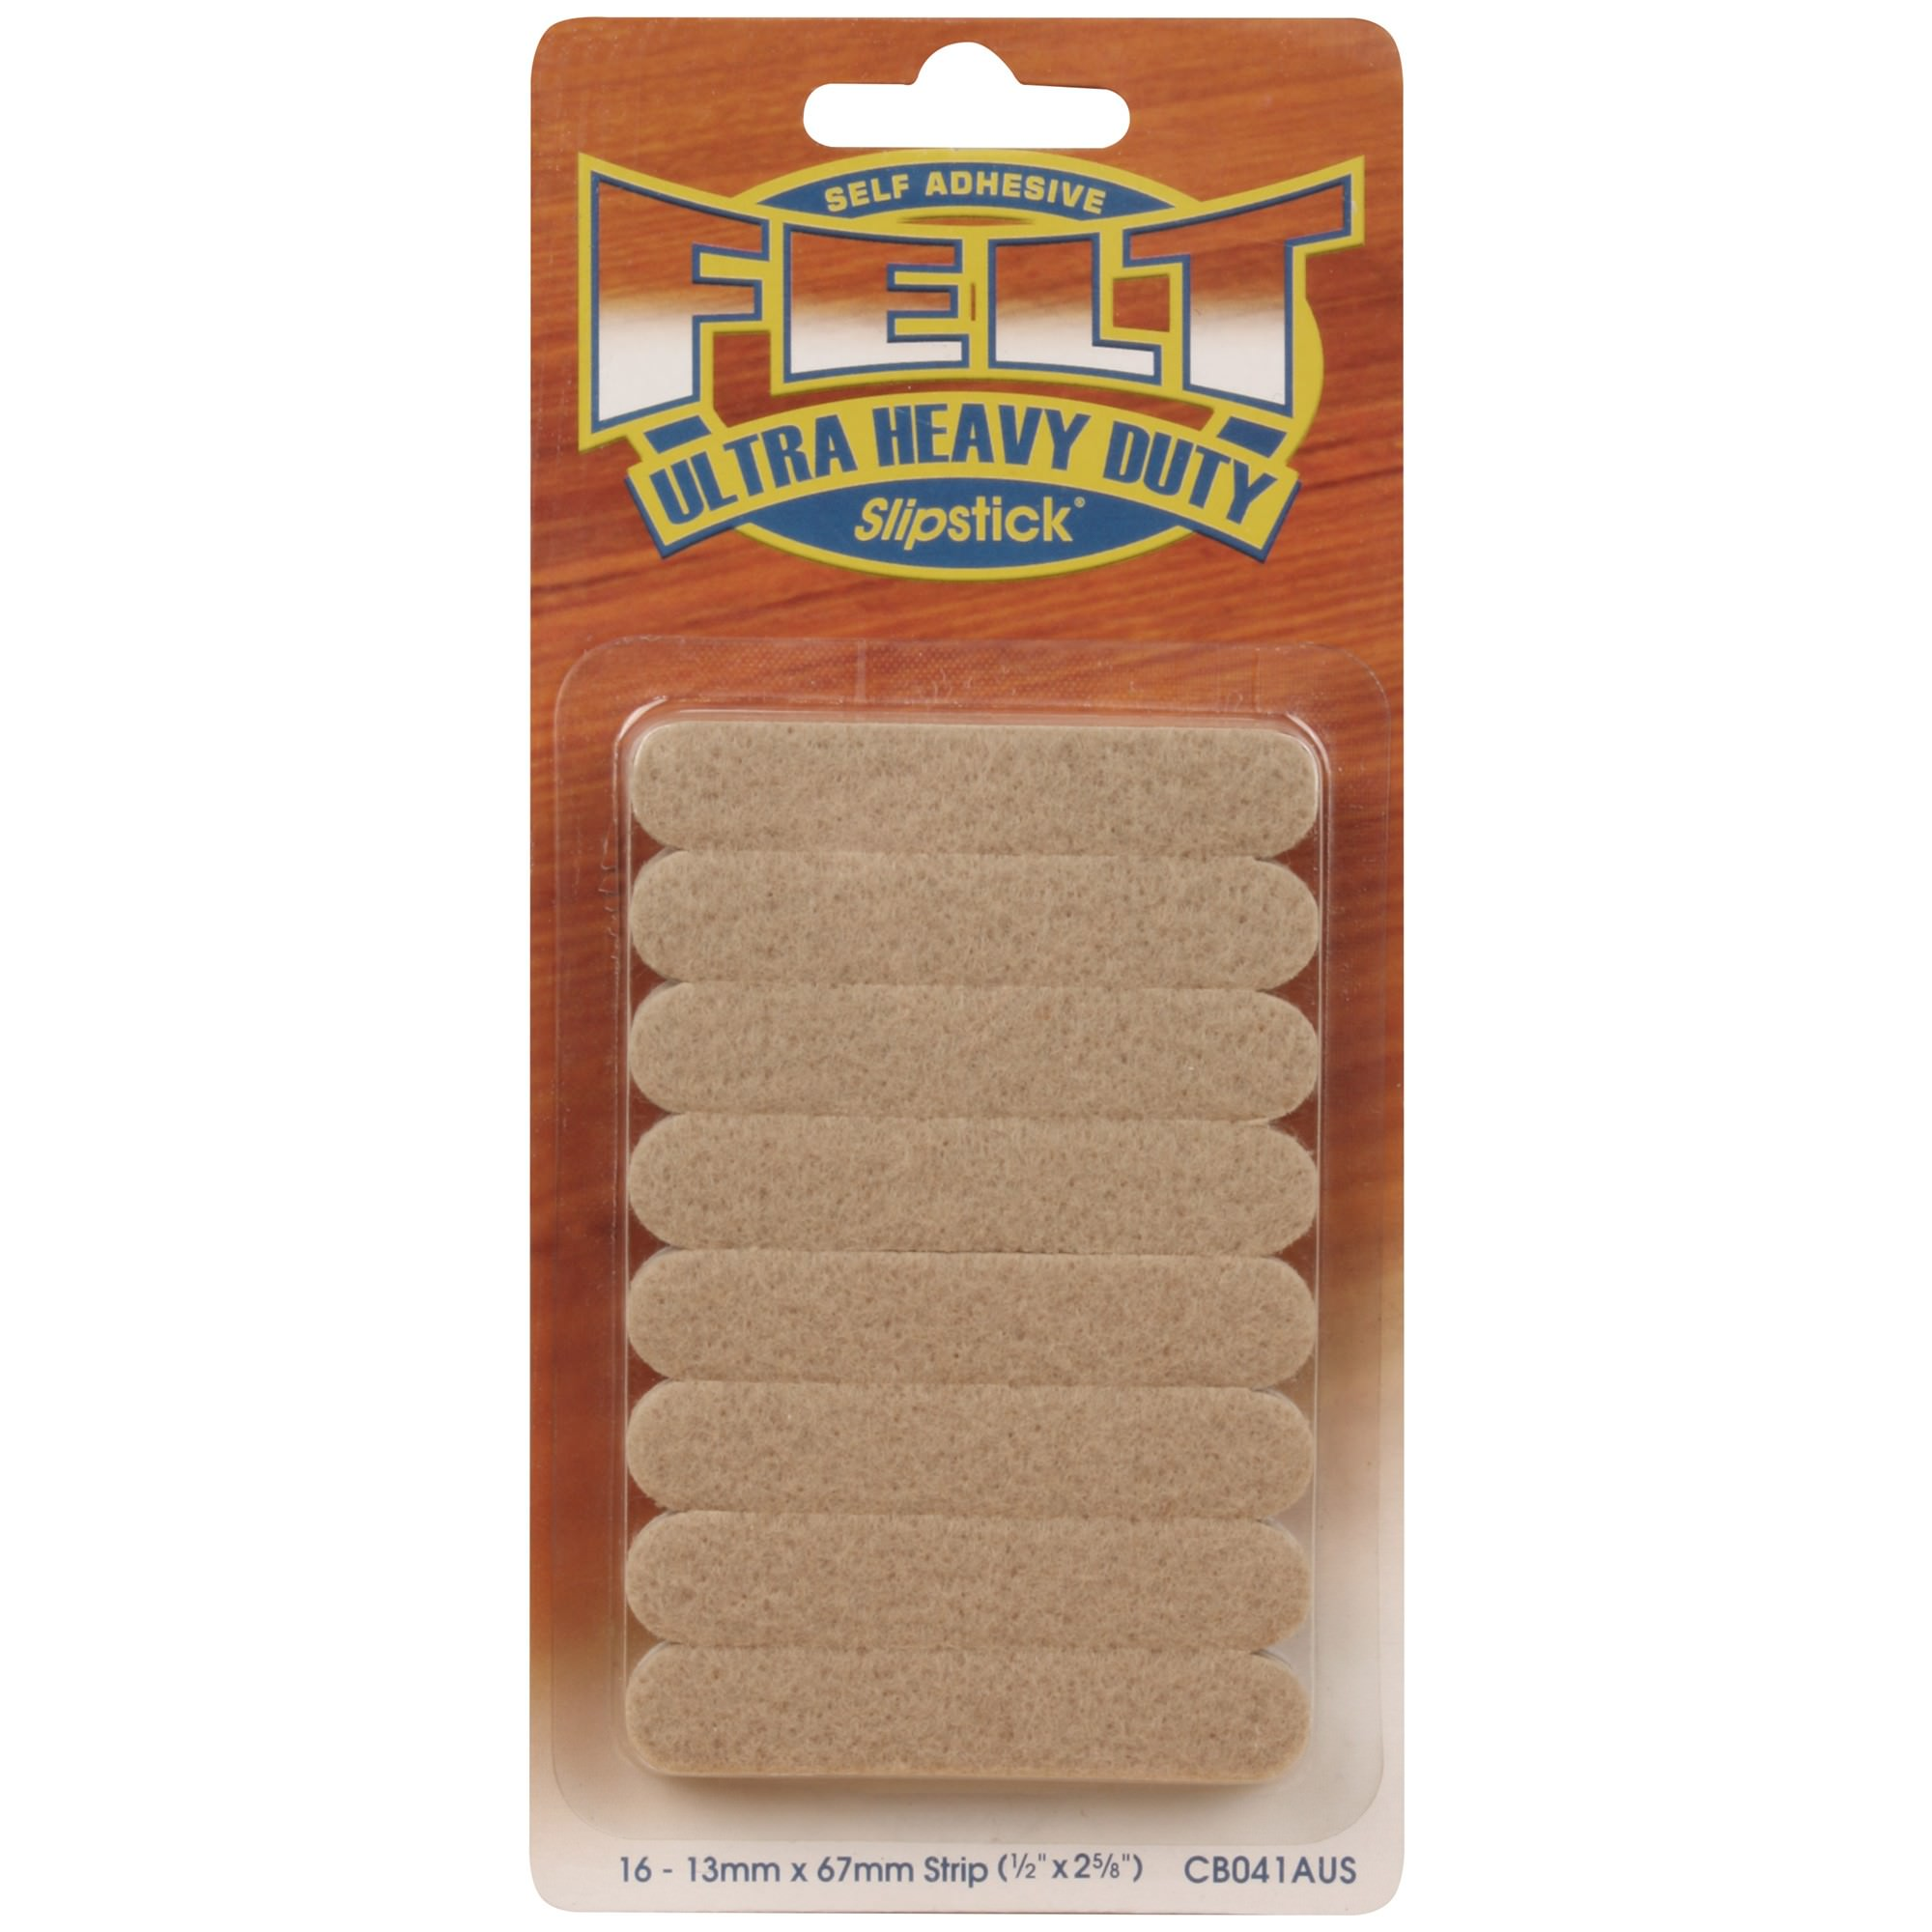 Slipstick Heavy Duty Felt Strips, 16 Pack